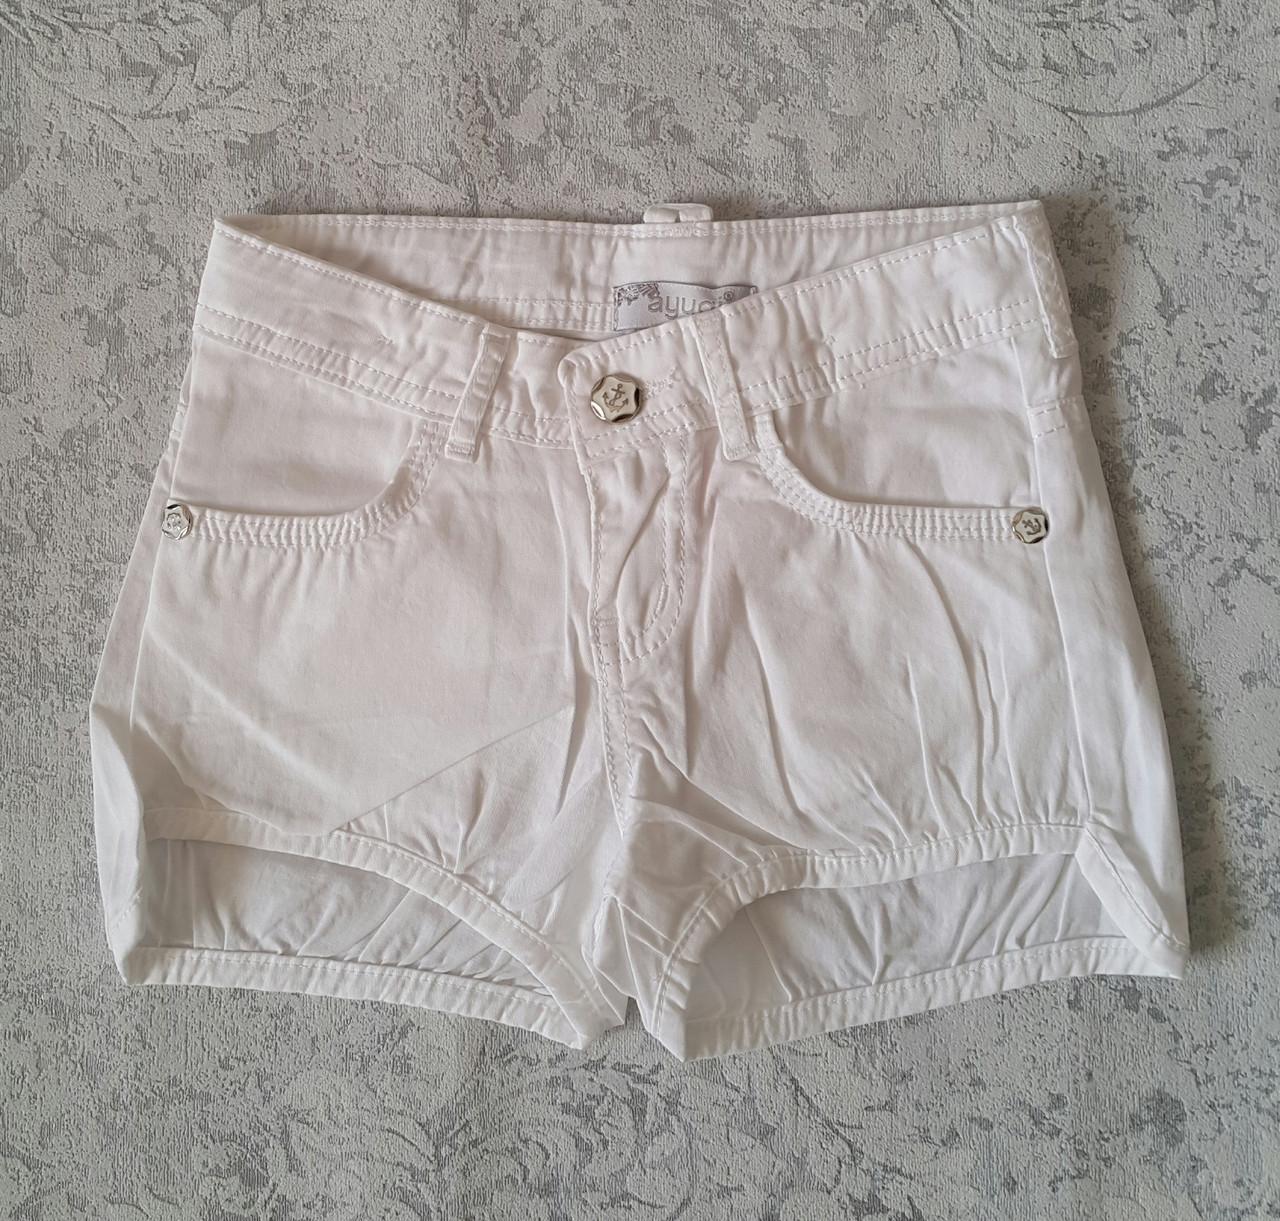 Белые шорты для девочек 128,134,140,146,152 роста A-yugi